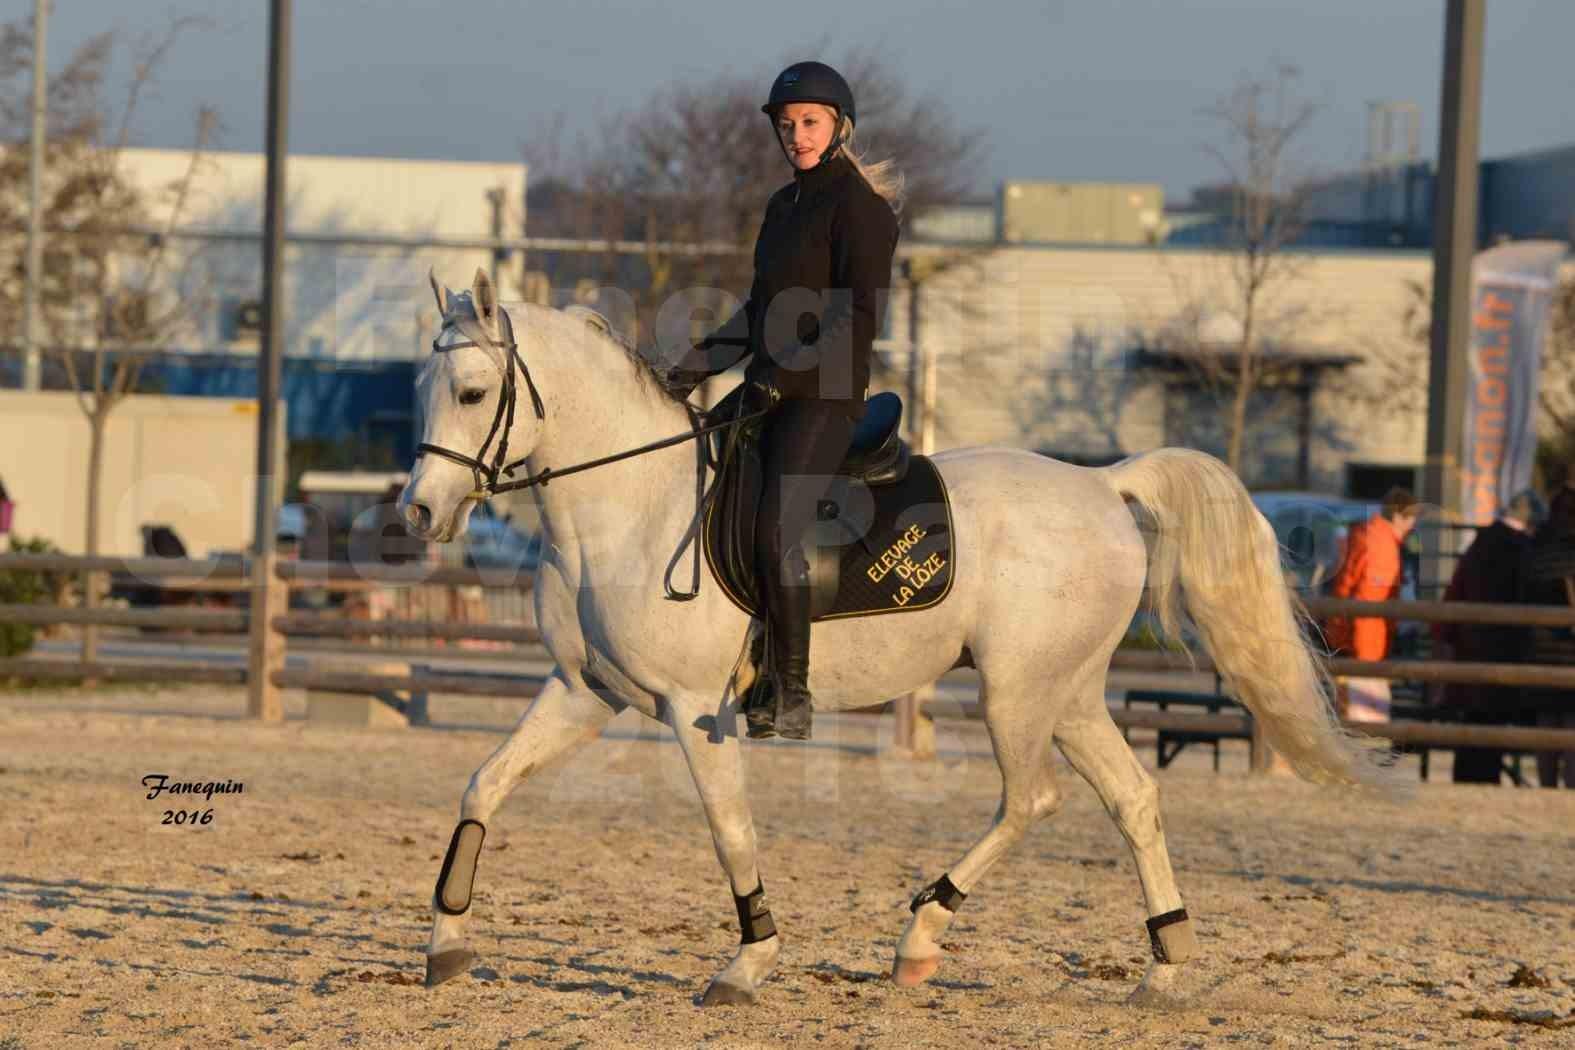 Cheval Passion 2016 - Présentation extérieure de chevaux Arabes montés - 22